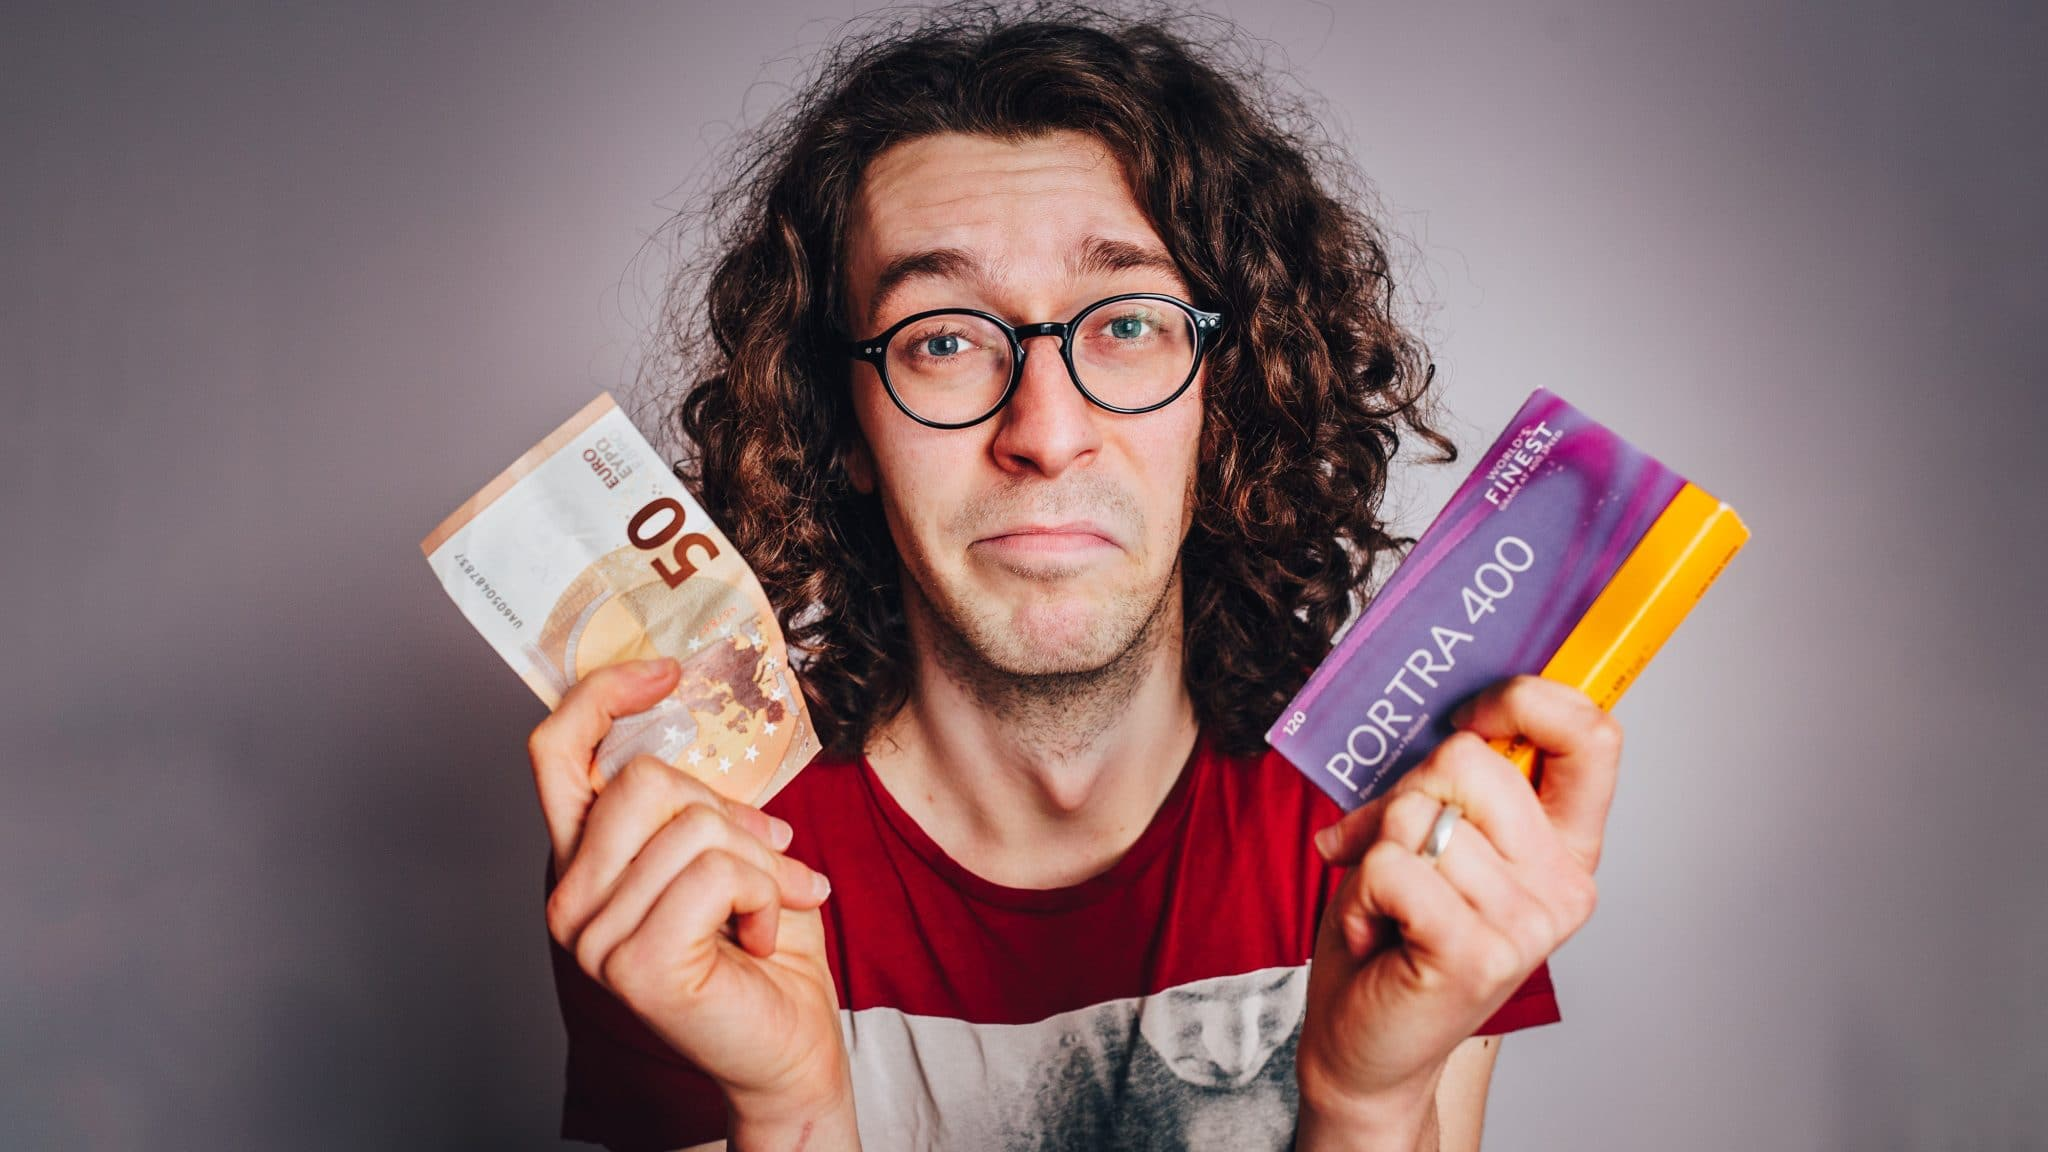 Pourquoi l'argentique coûte-t-il cher ?